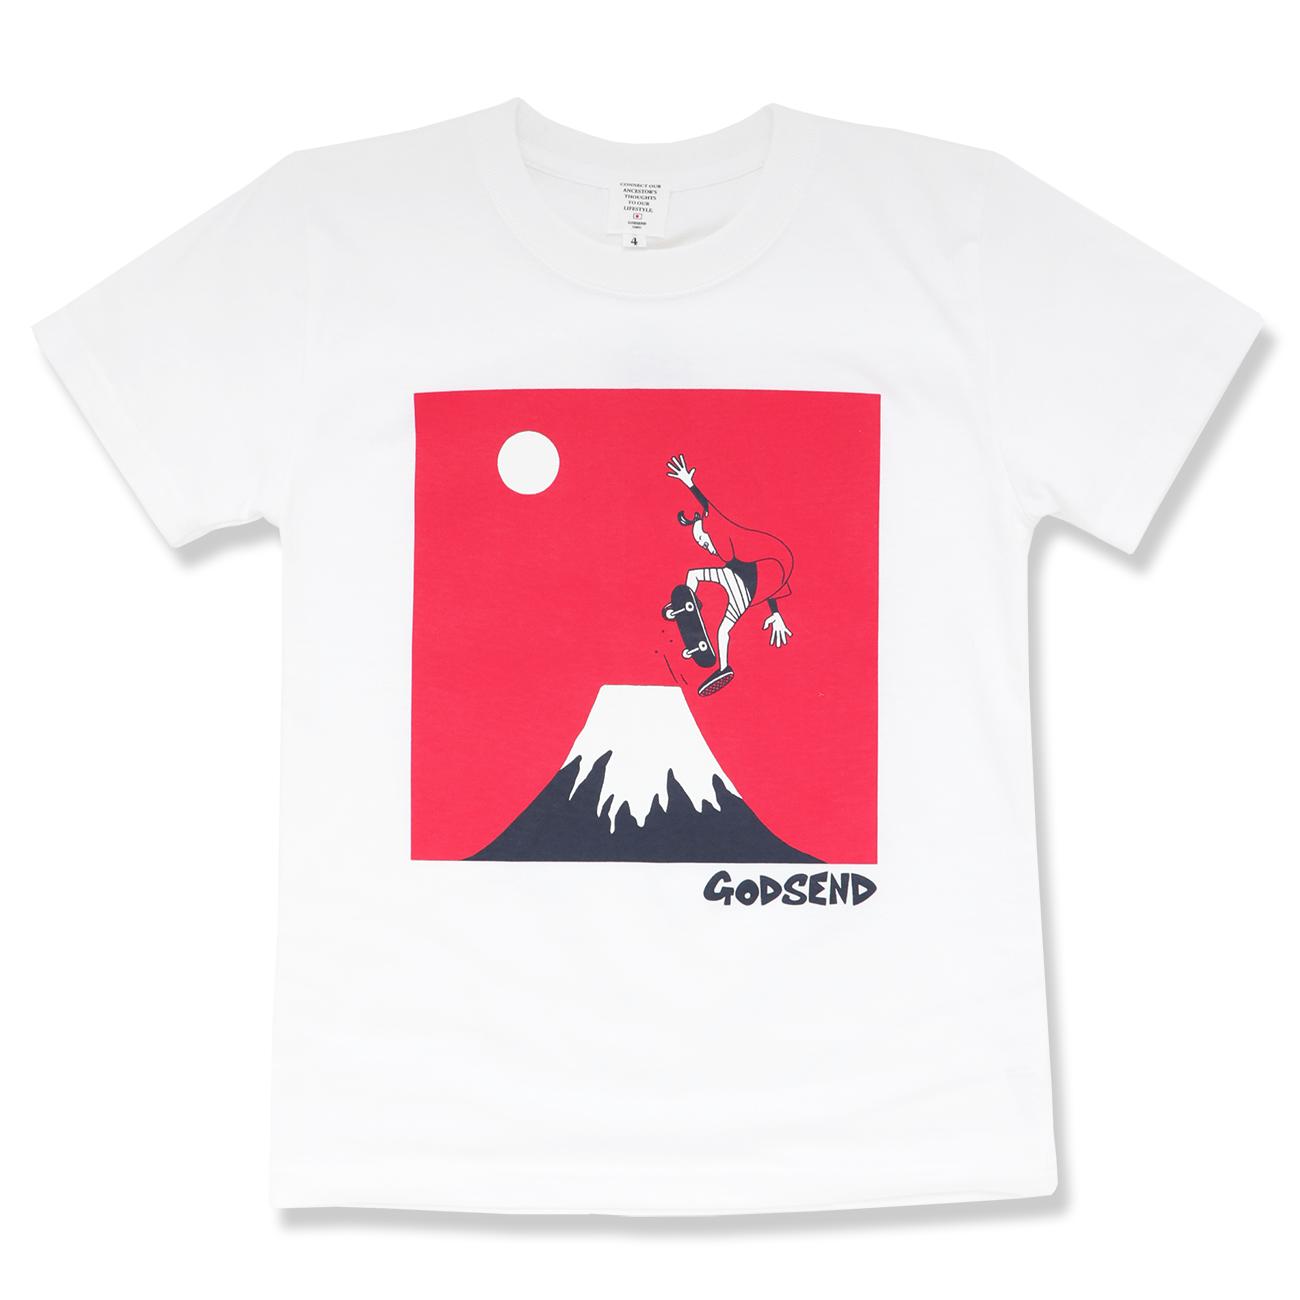 スケボー富士  T-Shirts    ADULT  WHITE  GREY